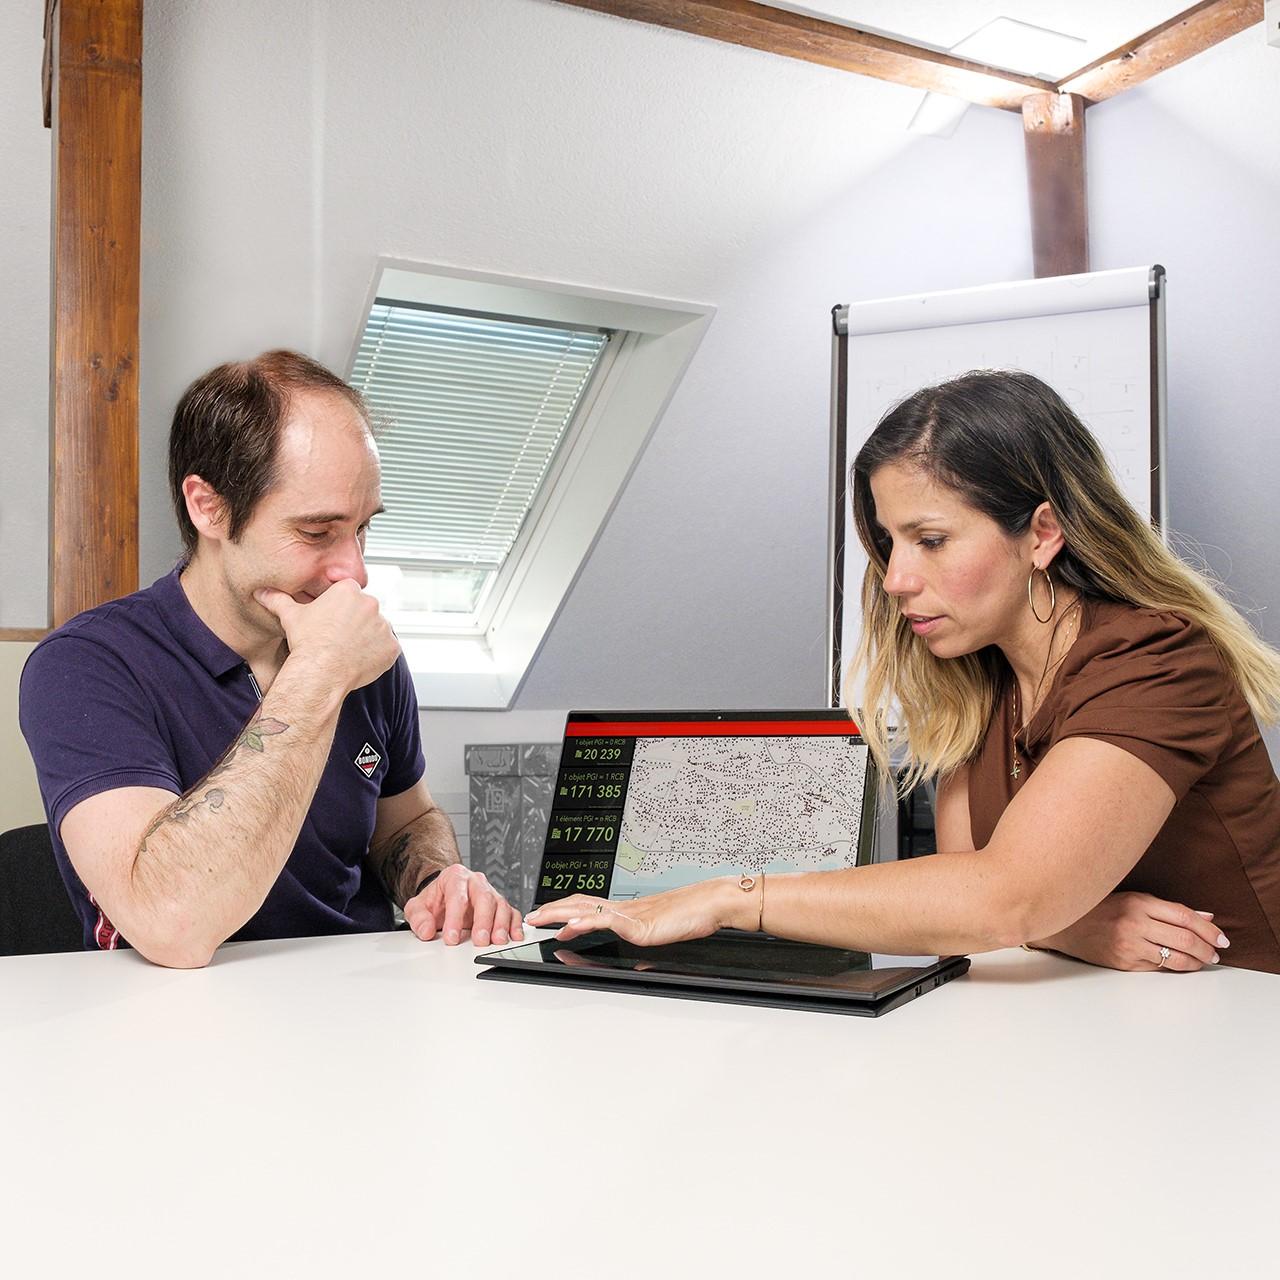 L'équipe travaillant sur le projet SIGECA (Système d'Information Géographique) a été renforcée.